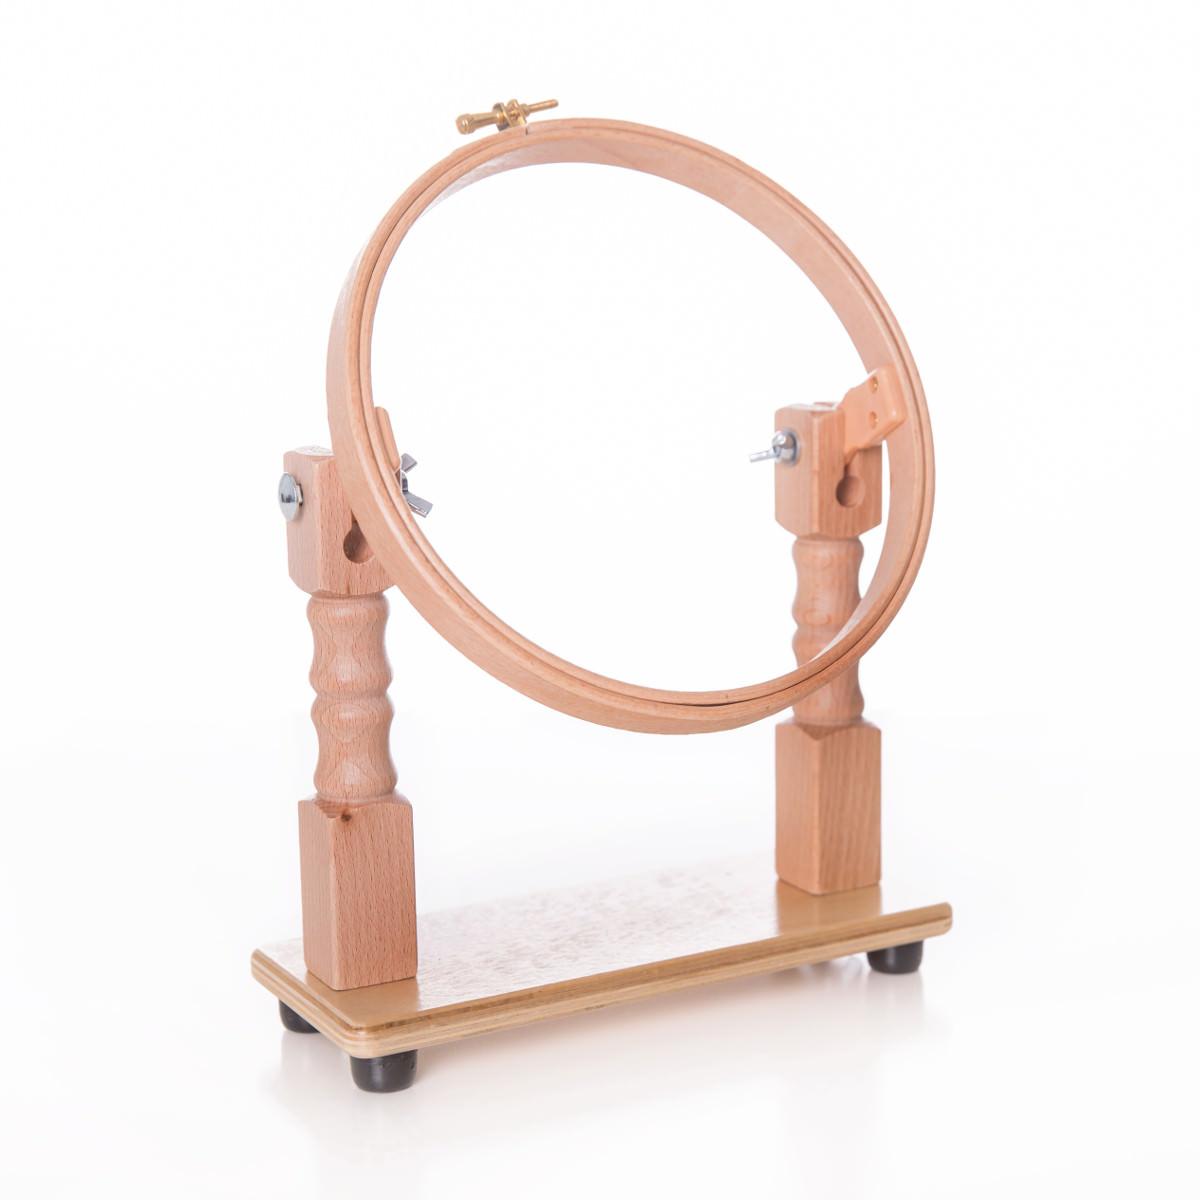 Tisch-Stickrahmen bzw. Stickring aus Holz zum Aufstellen